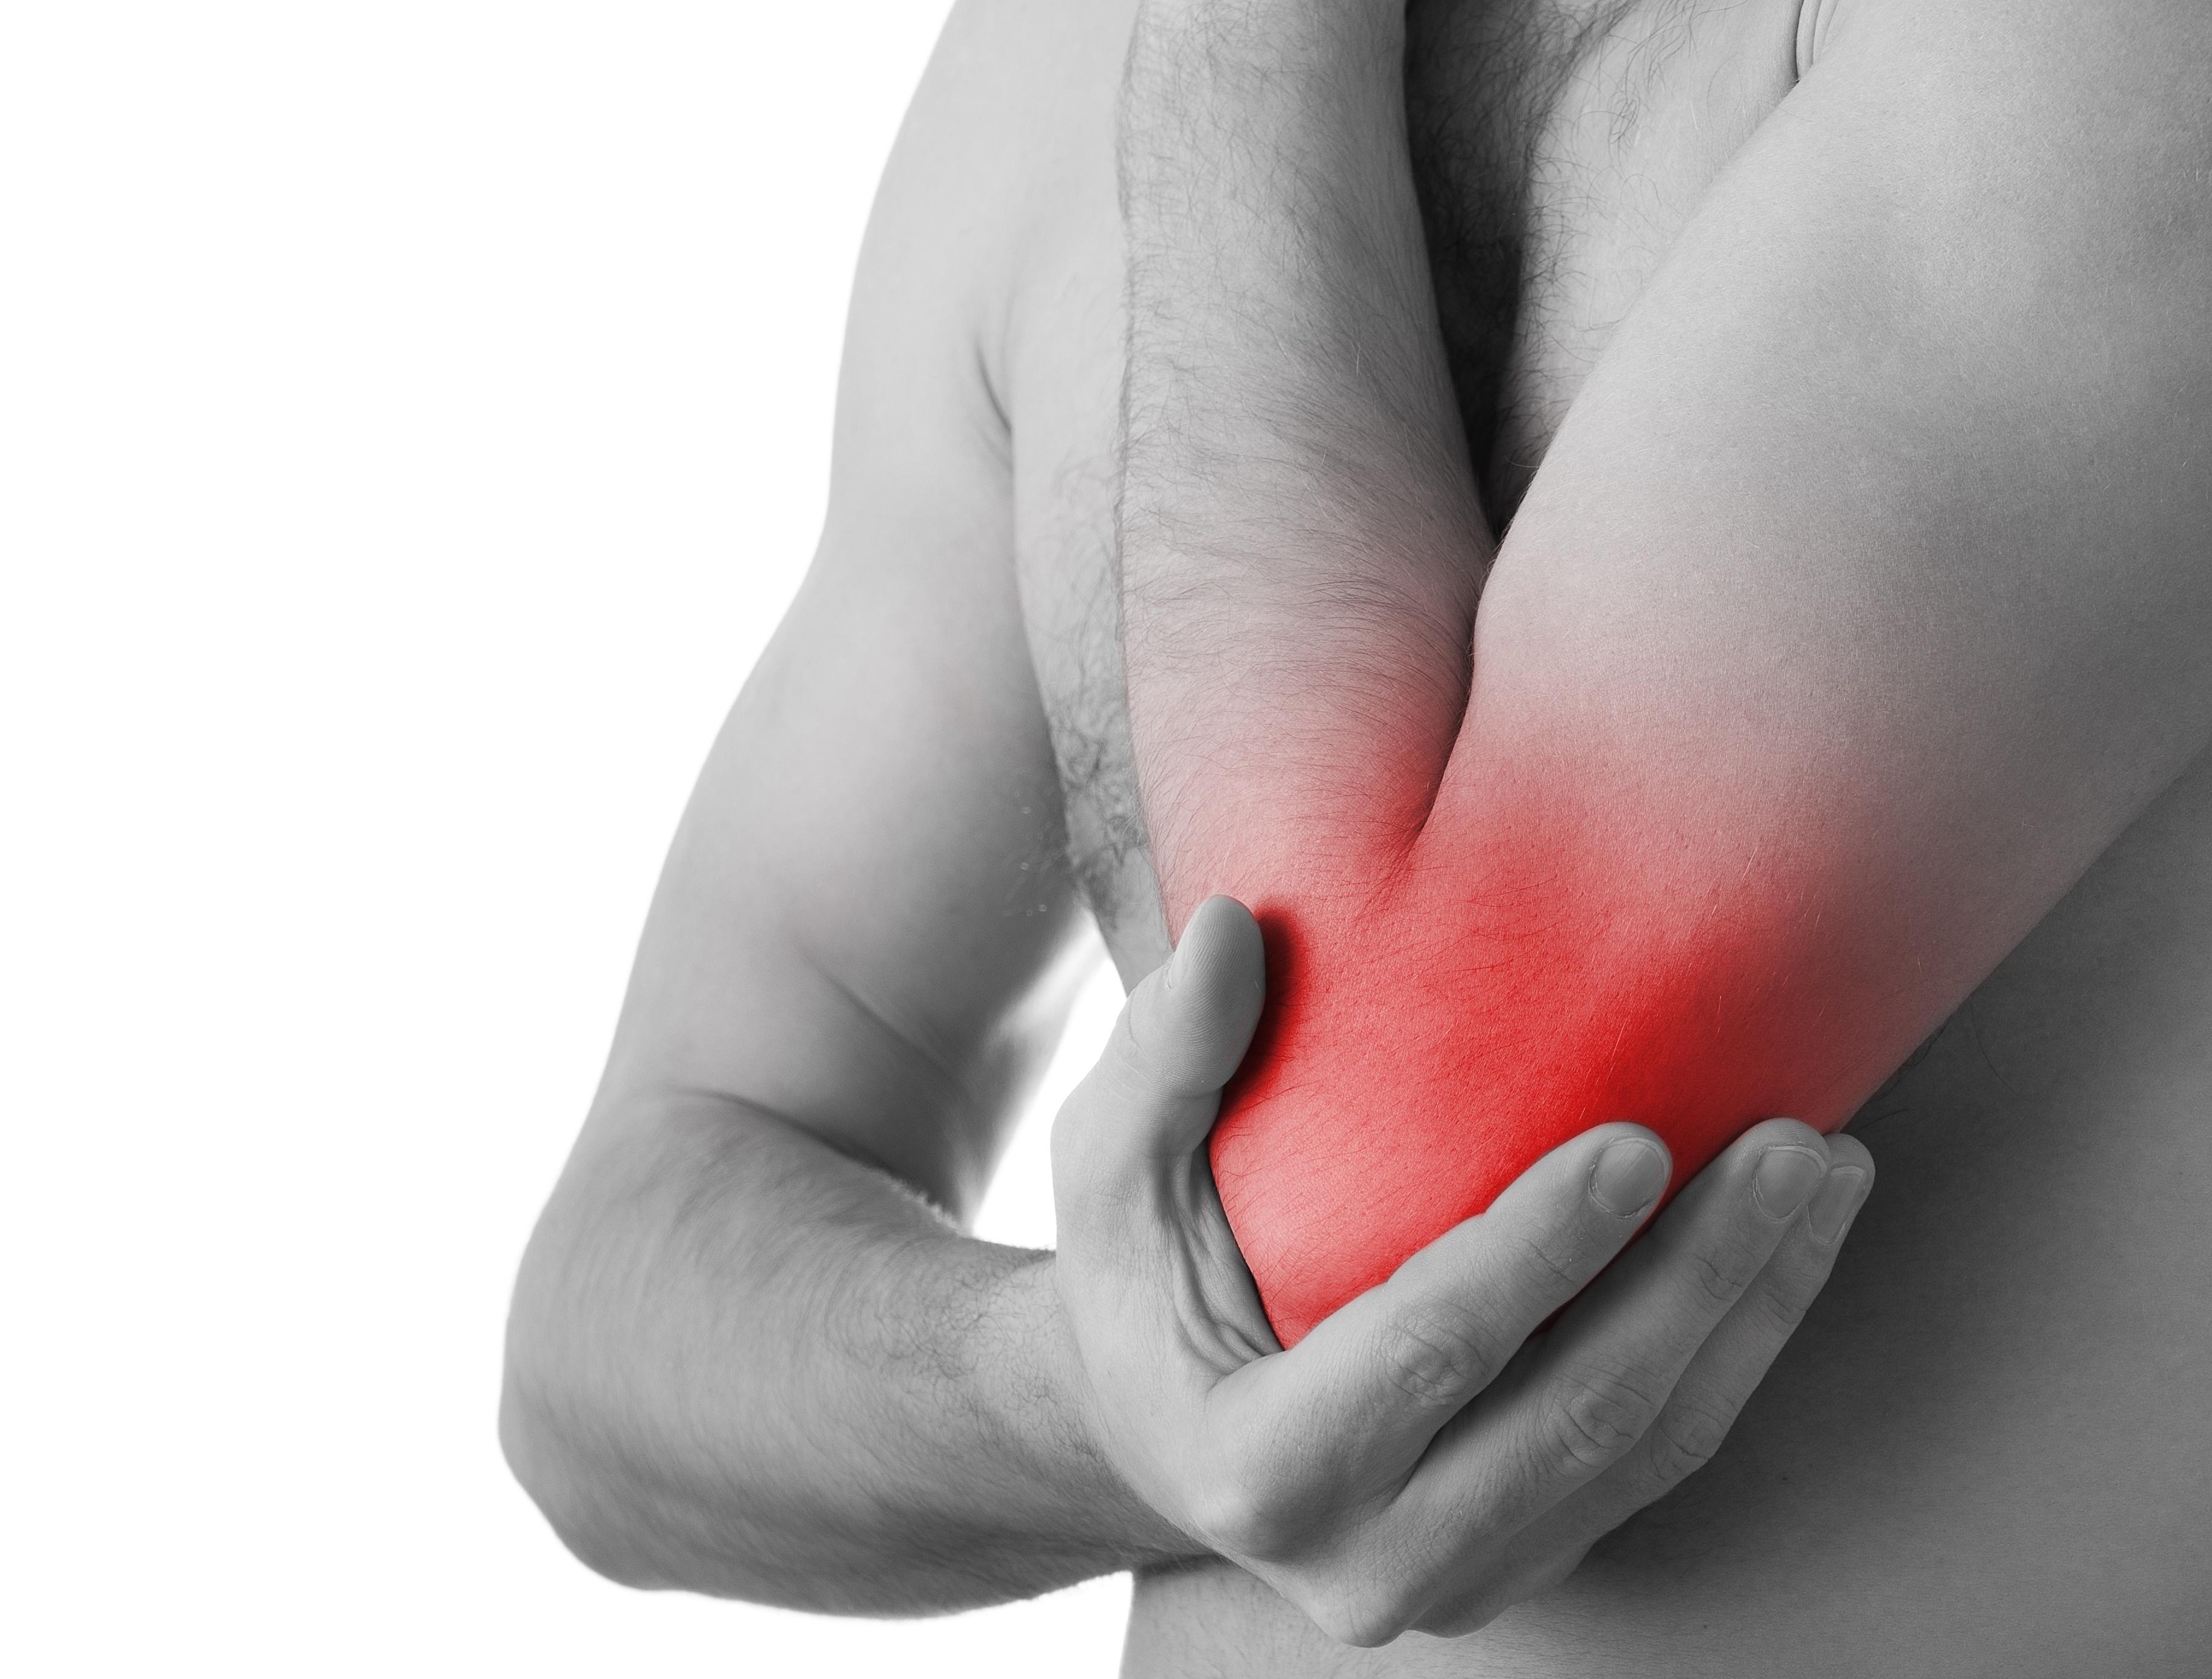 hogyan lehet enyhíteni a bokaízület fájdalmát